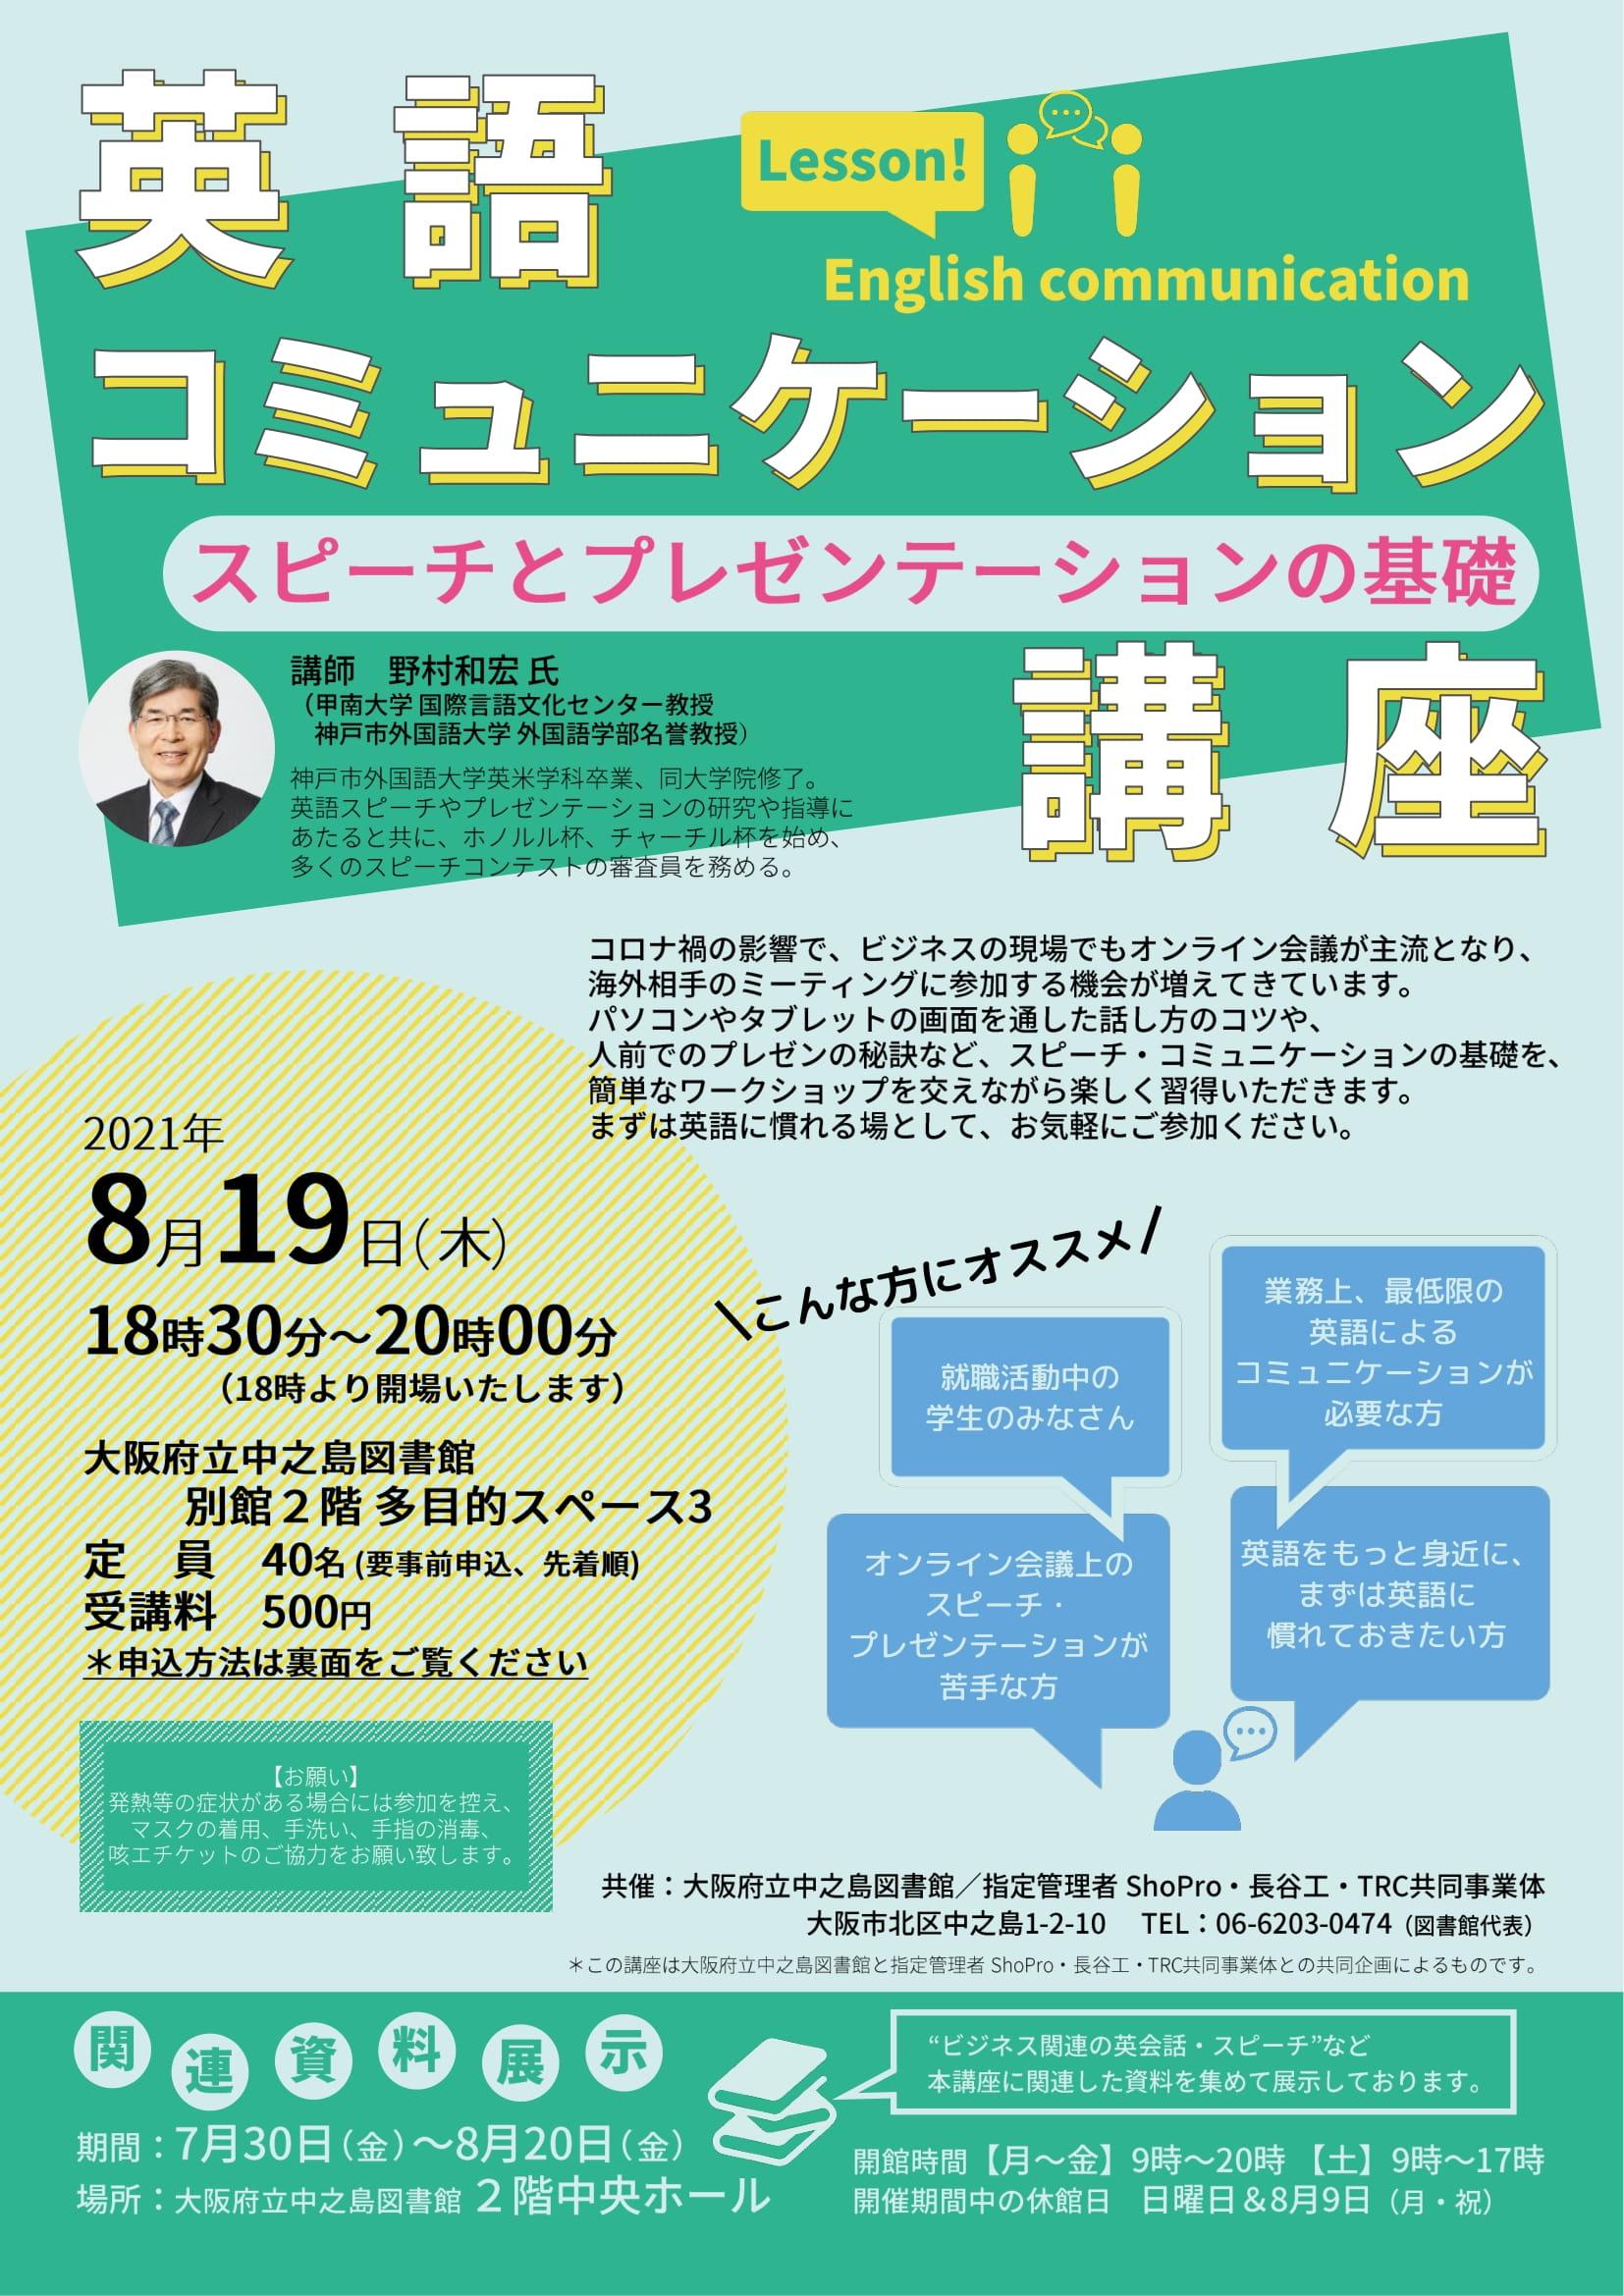 8月19日(木)英語コミュニケーション講座 スピーチとプレゼンテーションの基礎